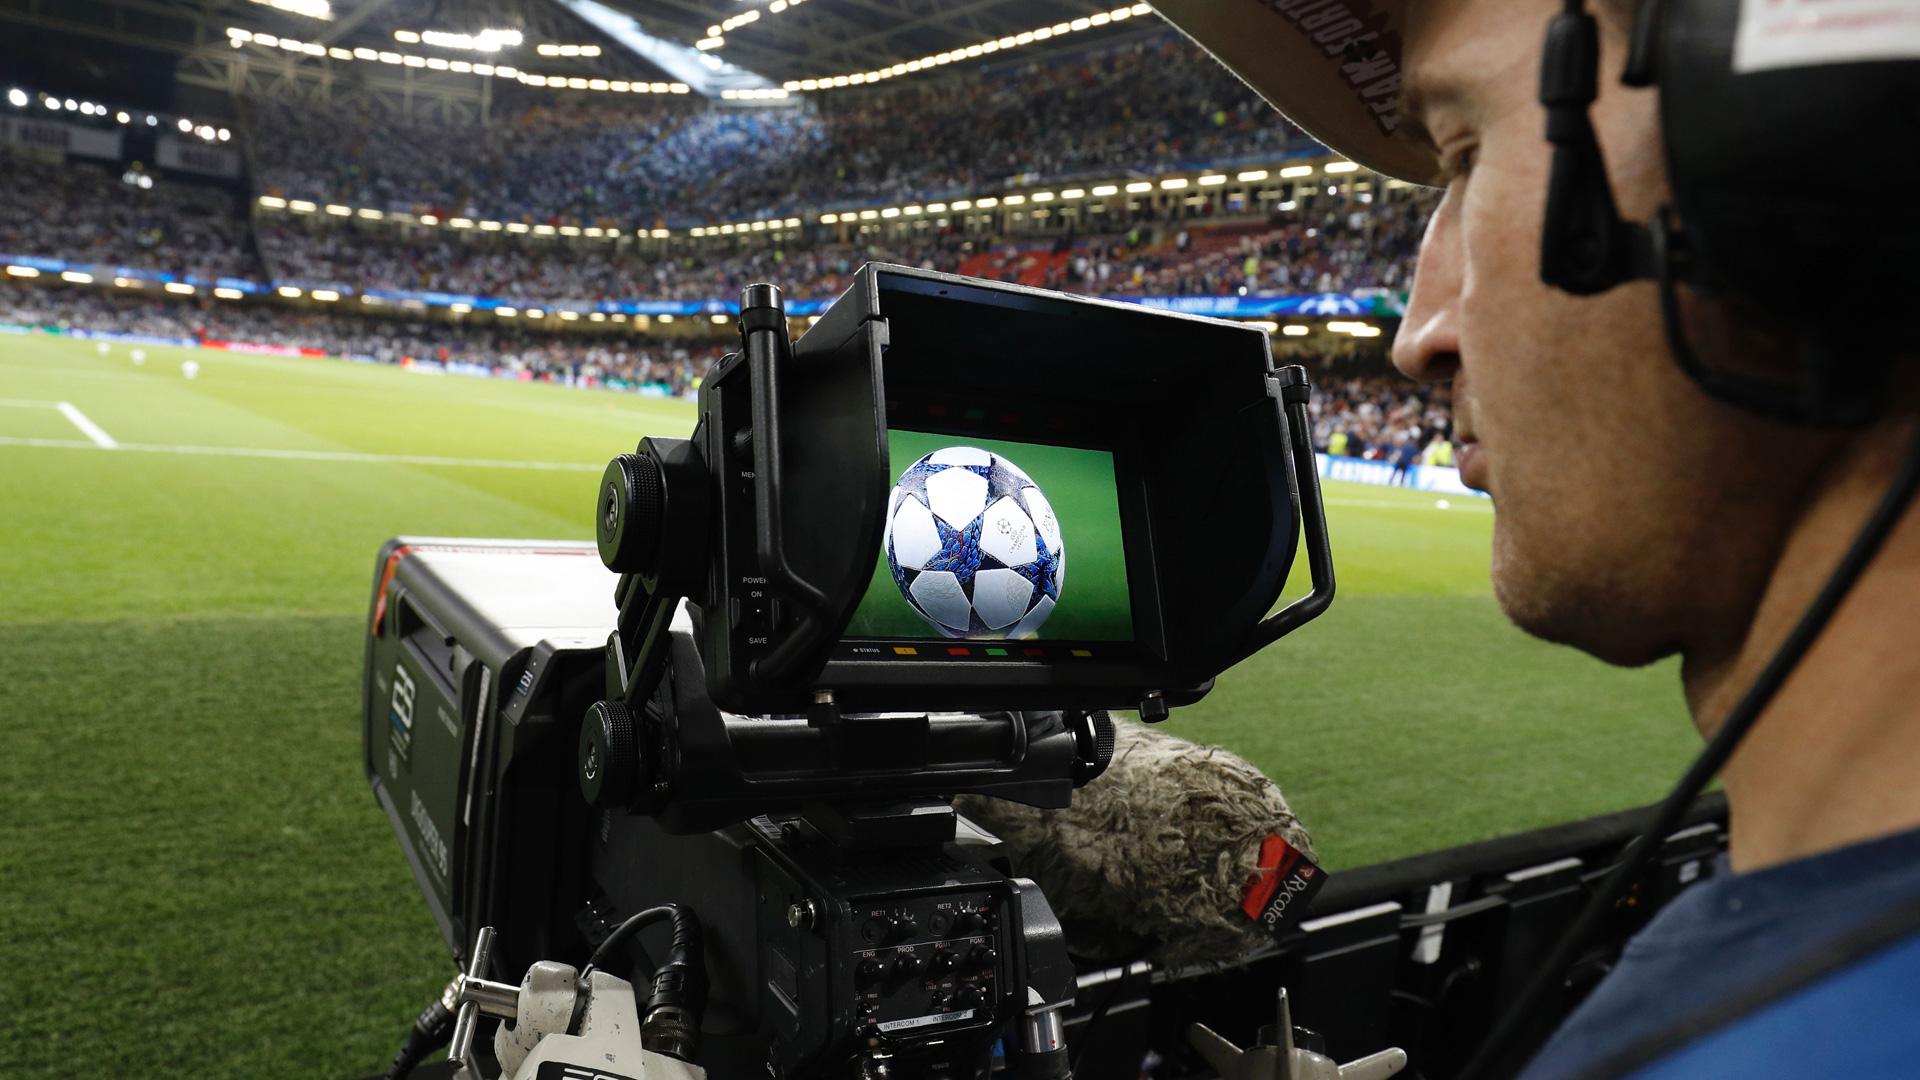 Fussball Live Im Tv Fernsehen Bernardgardin Be